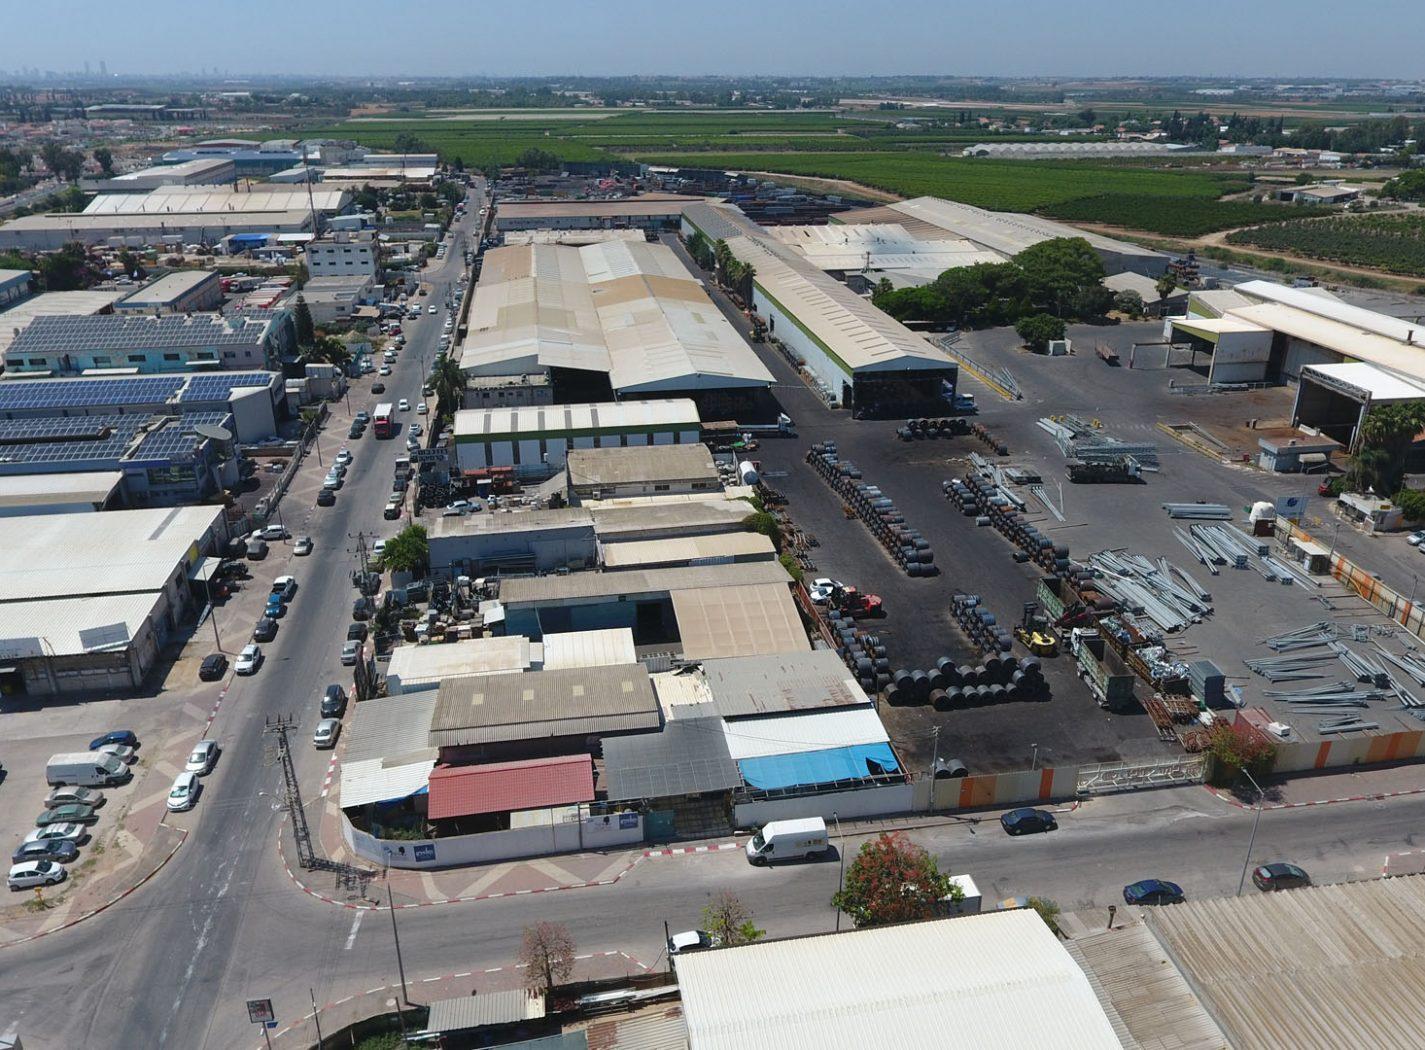 צילום אווירי של מרכז תעשיה ולוגיסטיקה פקר, קרית מלאכי